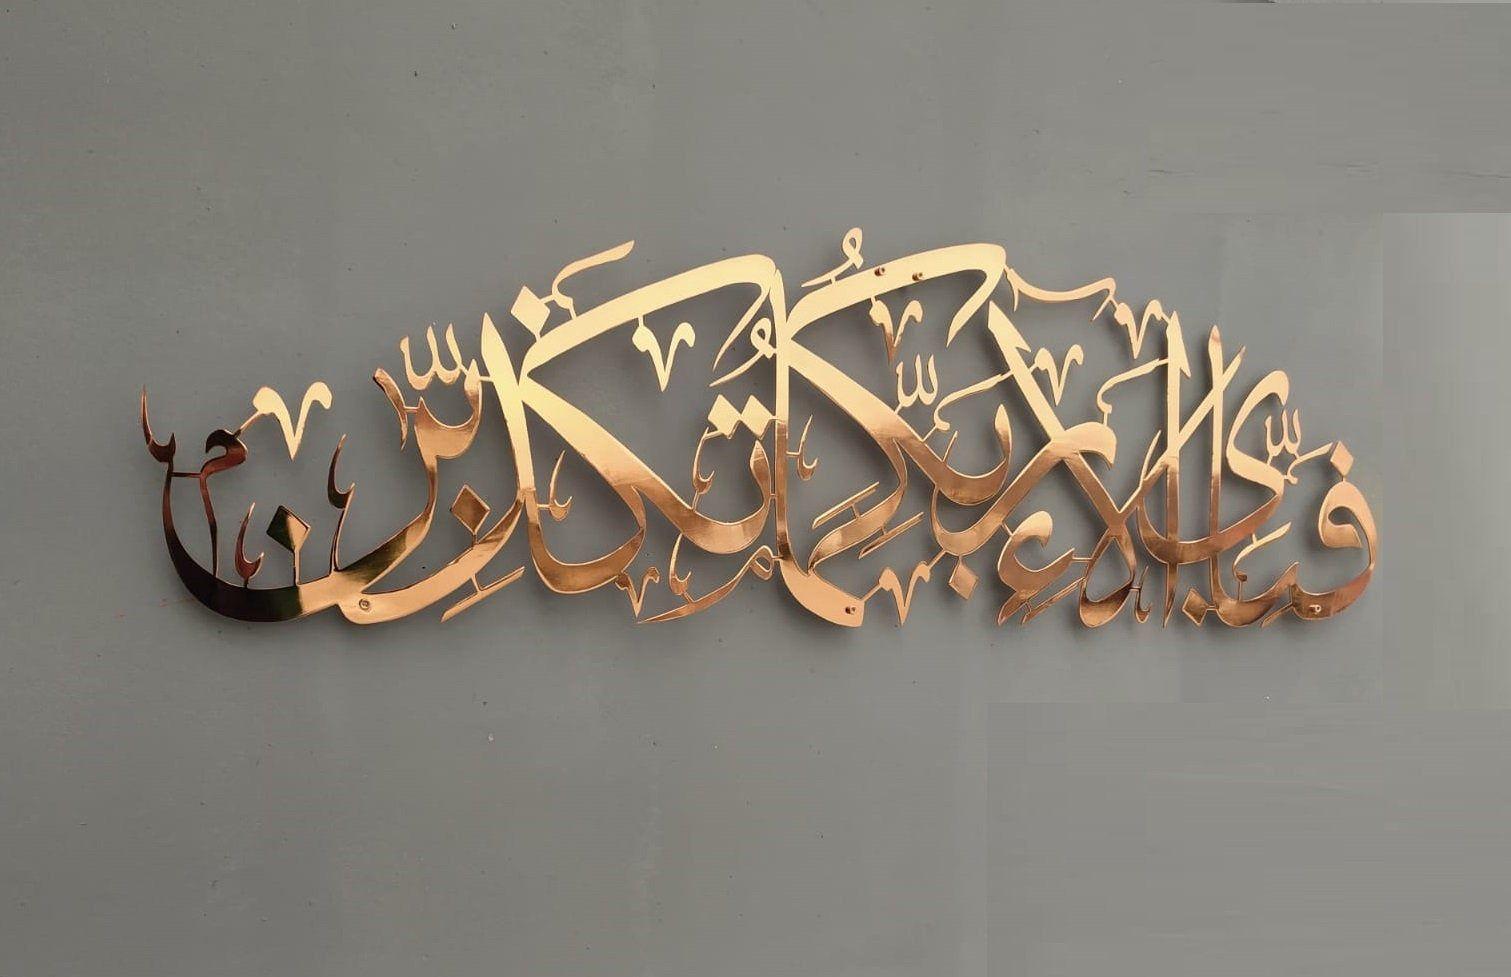 Fabi Ayyi Alai Rabbikuma Tukaziban Surah Rahman Islamic Wall Etsy Islamitische Kalligrafie Islamitisch Koran